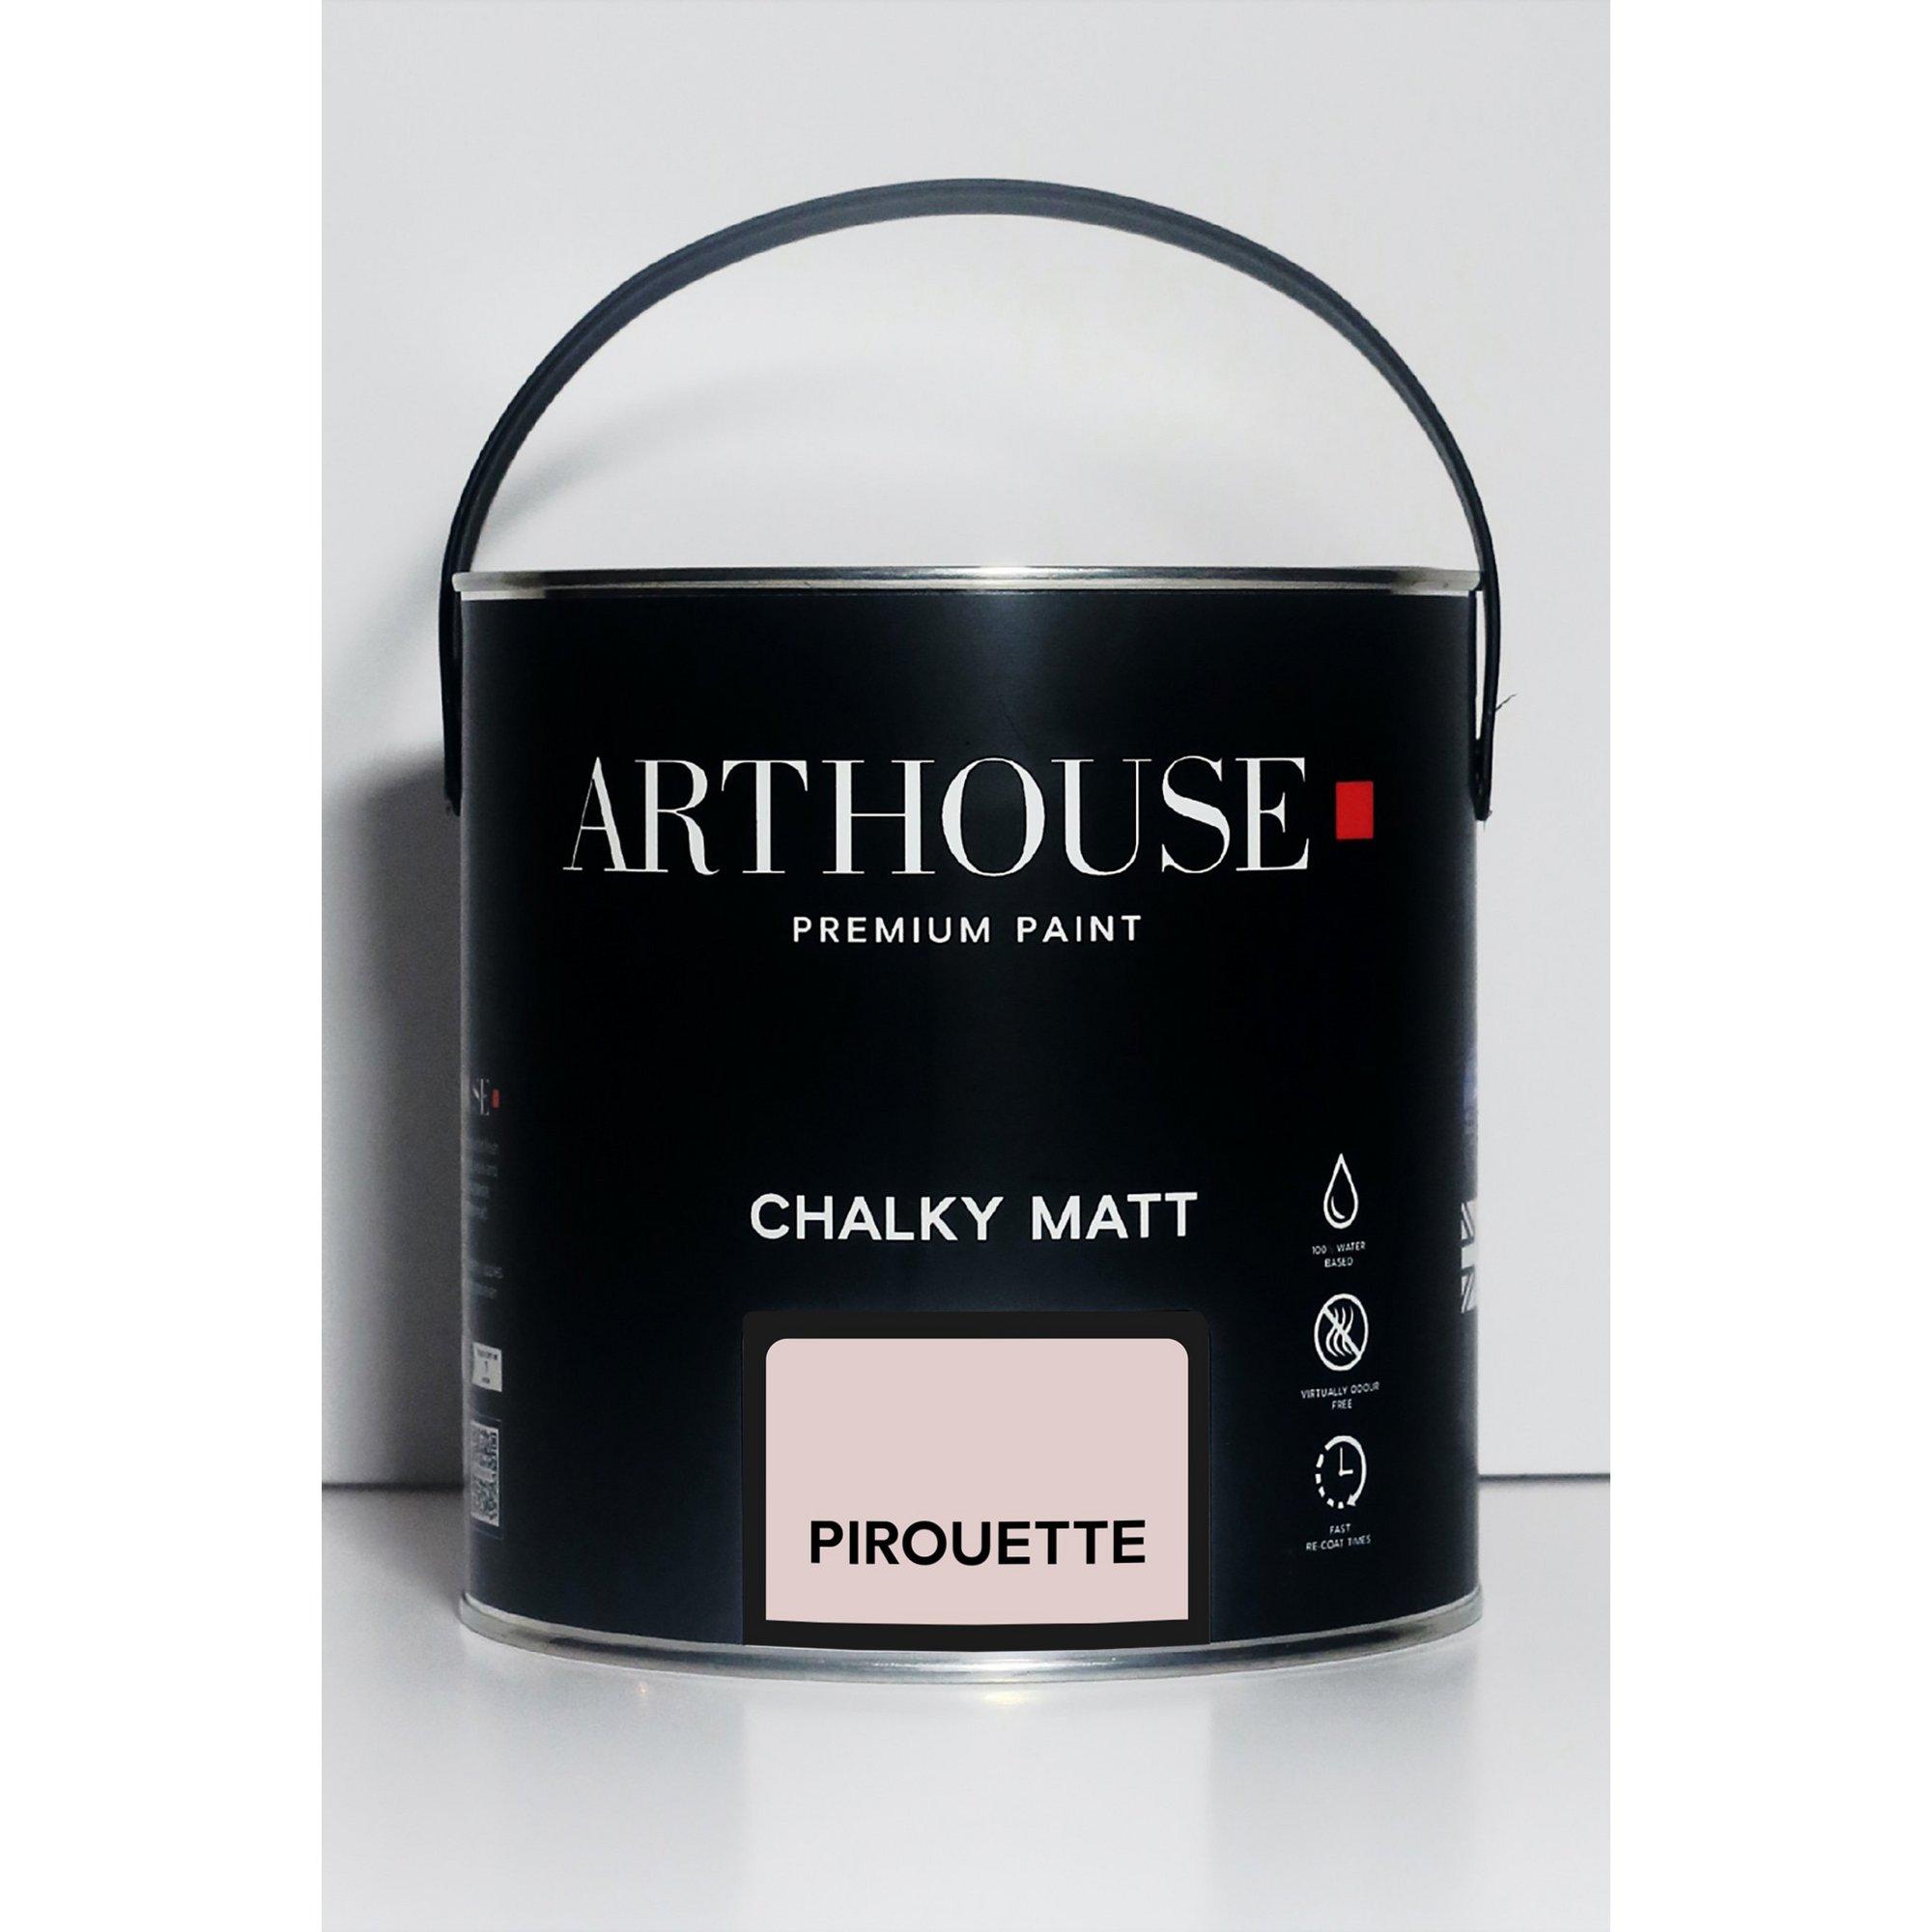 Image of Chalky Matt Pirouette Emulsion Paint